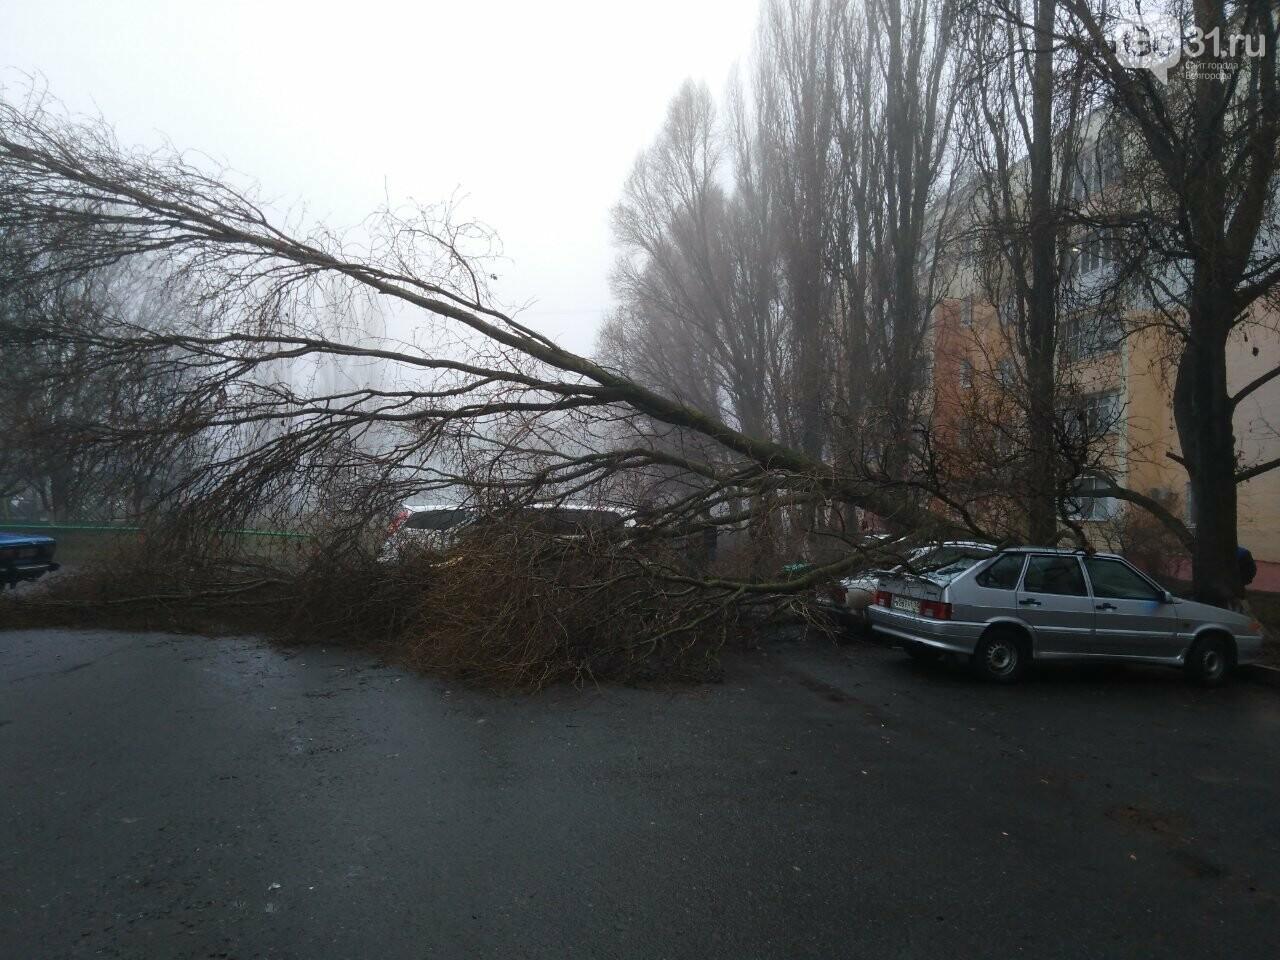 В центре Строителя во дворе многоэтажки на машины упало дерево, фото-4, Фото: Татьяна Лазарева